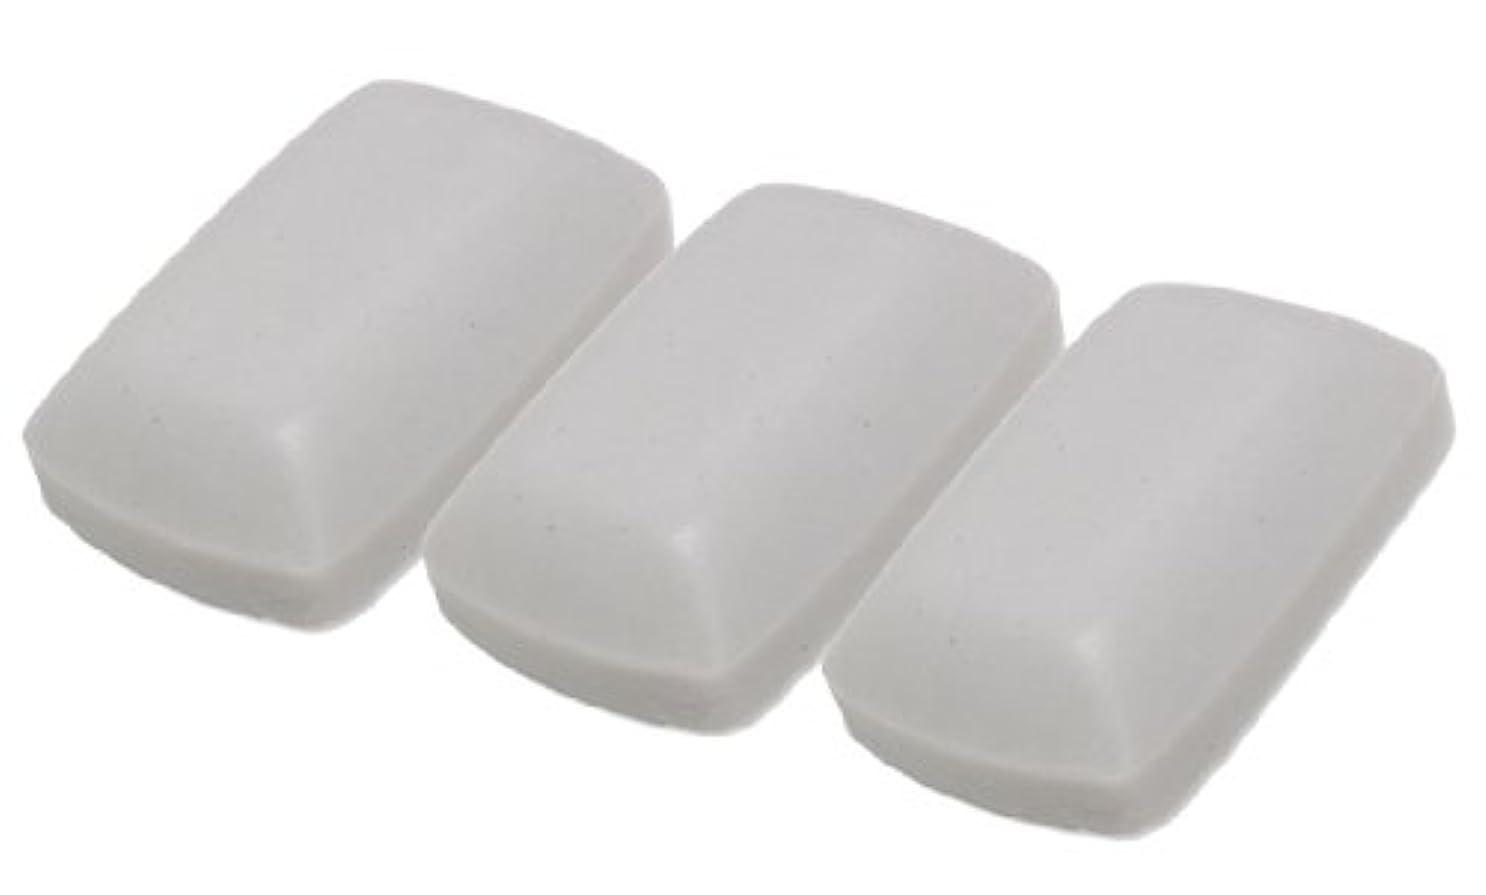 アサー略すカメ不思議な石鹸「ゆらぎ乃せっけん」3個セット